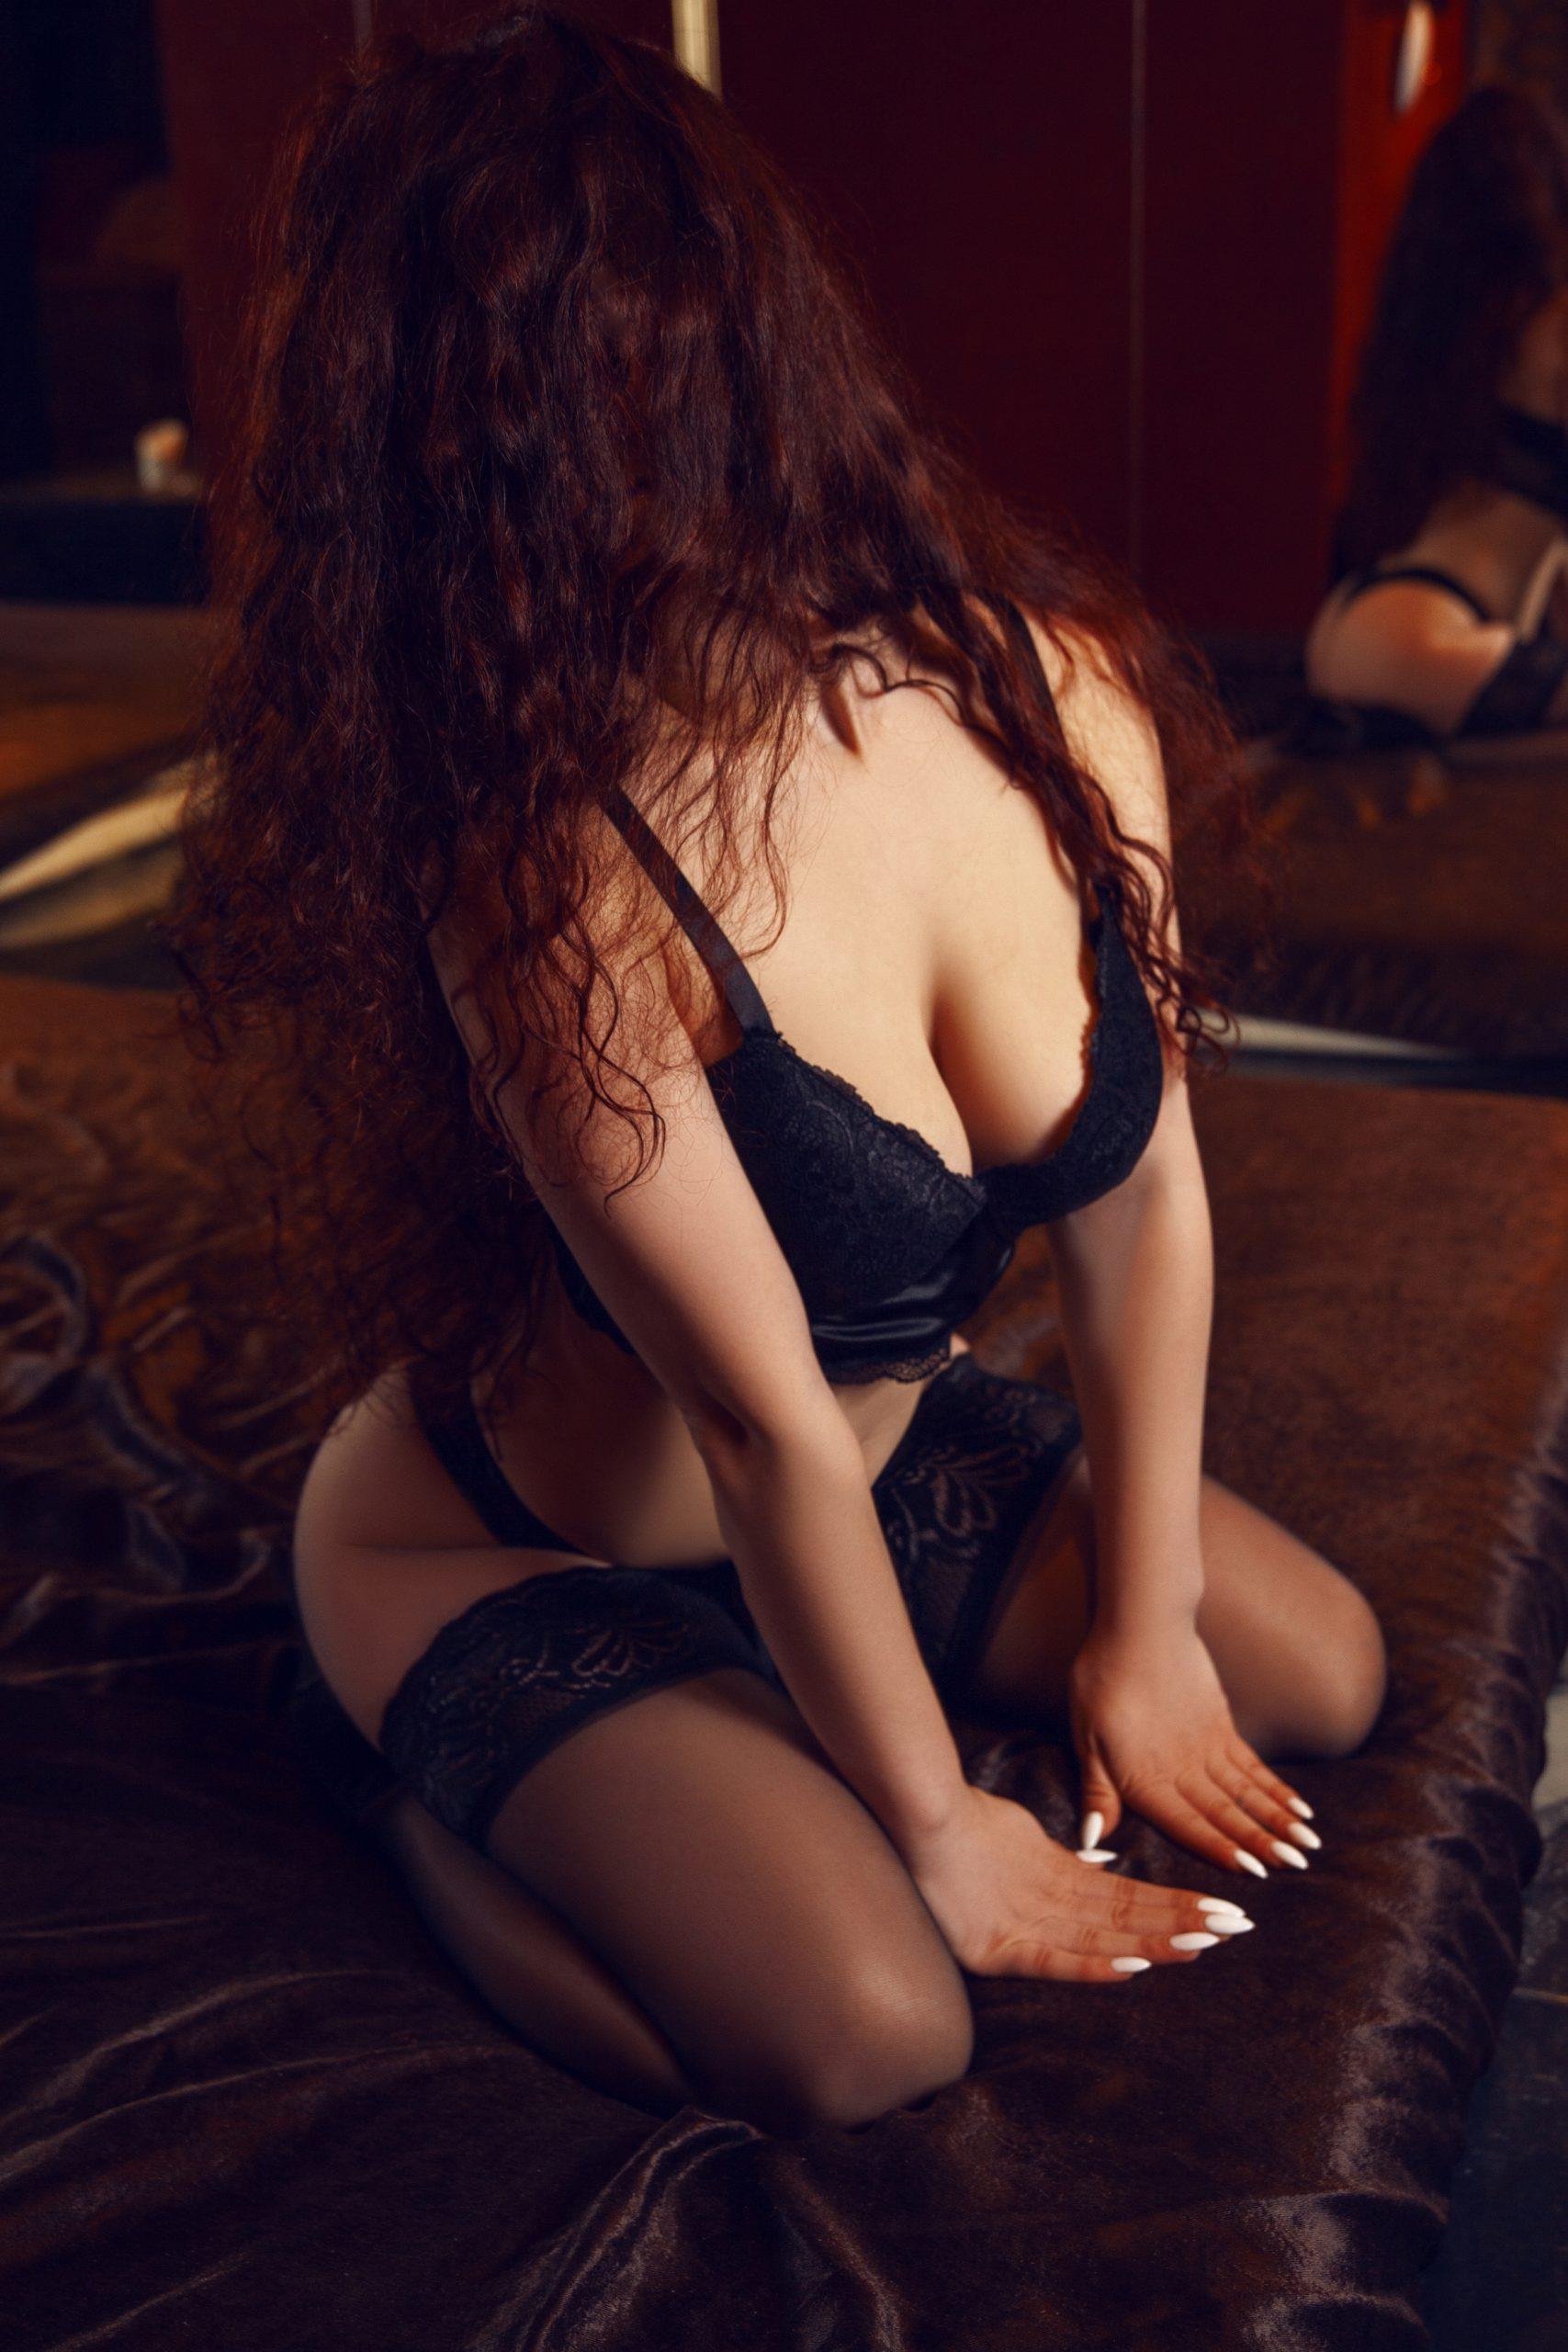 Kris erotic massage Prague